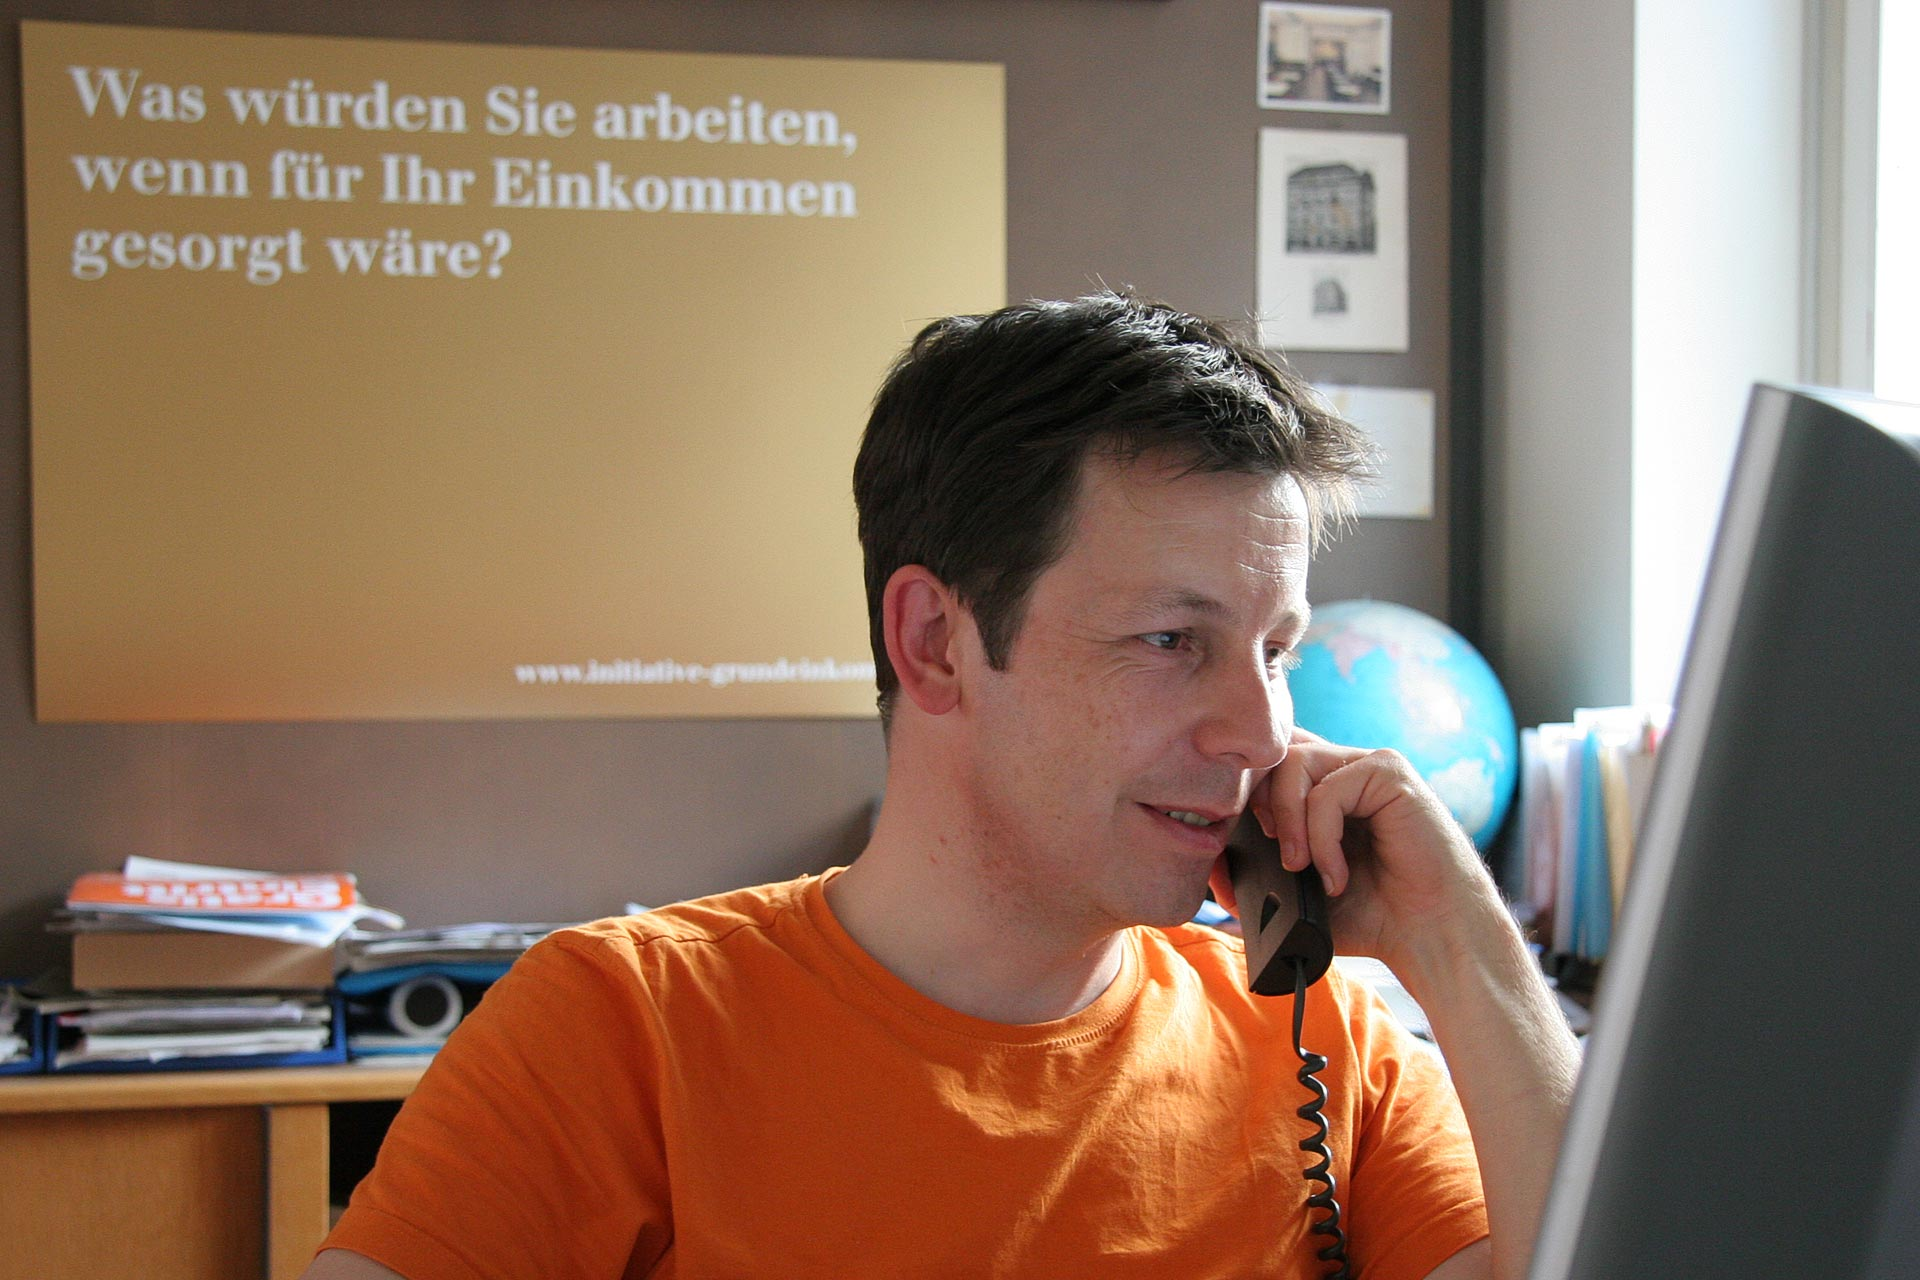 """""""Was würden Sie arbeiten, wenn für Ihr Einkommen gesorgt wäre"""" – dieser Satz markierte den Start für die 'Initiative Grundeinkommen', die Daniel Häni zusammen mit Enno Schmidt 2006 in Basel gründete. -"""